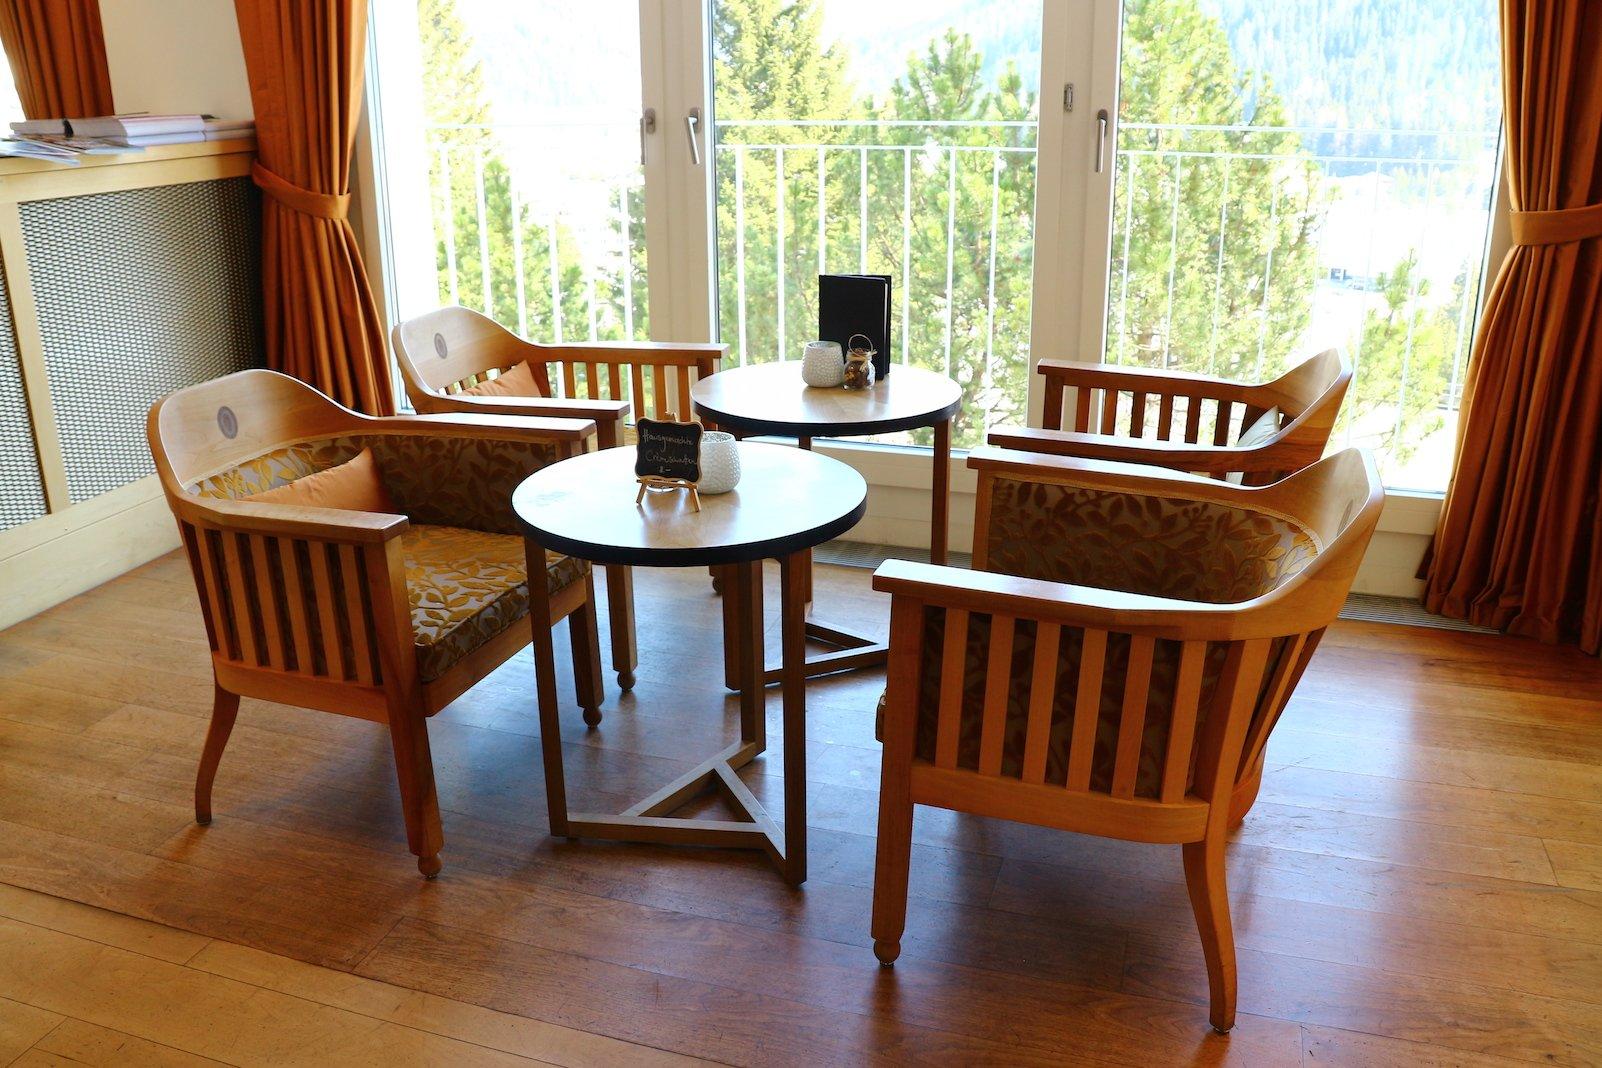 Großzügig Platz hat es hier - und auch der Ausblick ist nicht zu verachten im Barbereich des Waldhotels Davos (Foto: Gesine Klinkigt)